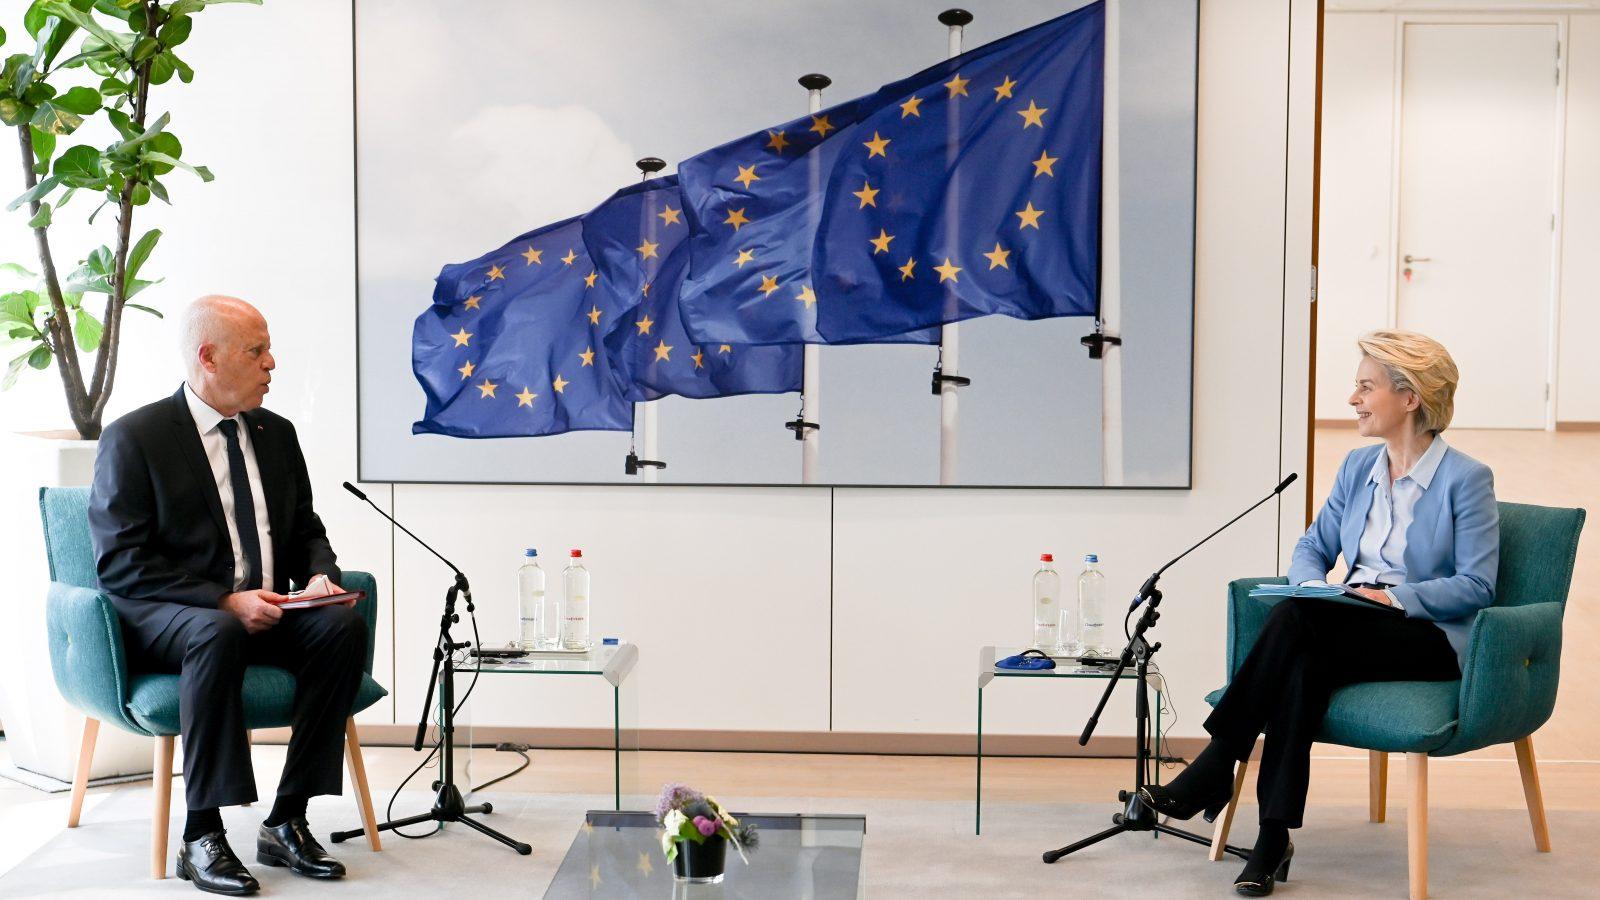 زيارة قيس سعيد إلى المفوضية الأوروبية في صور